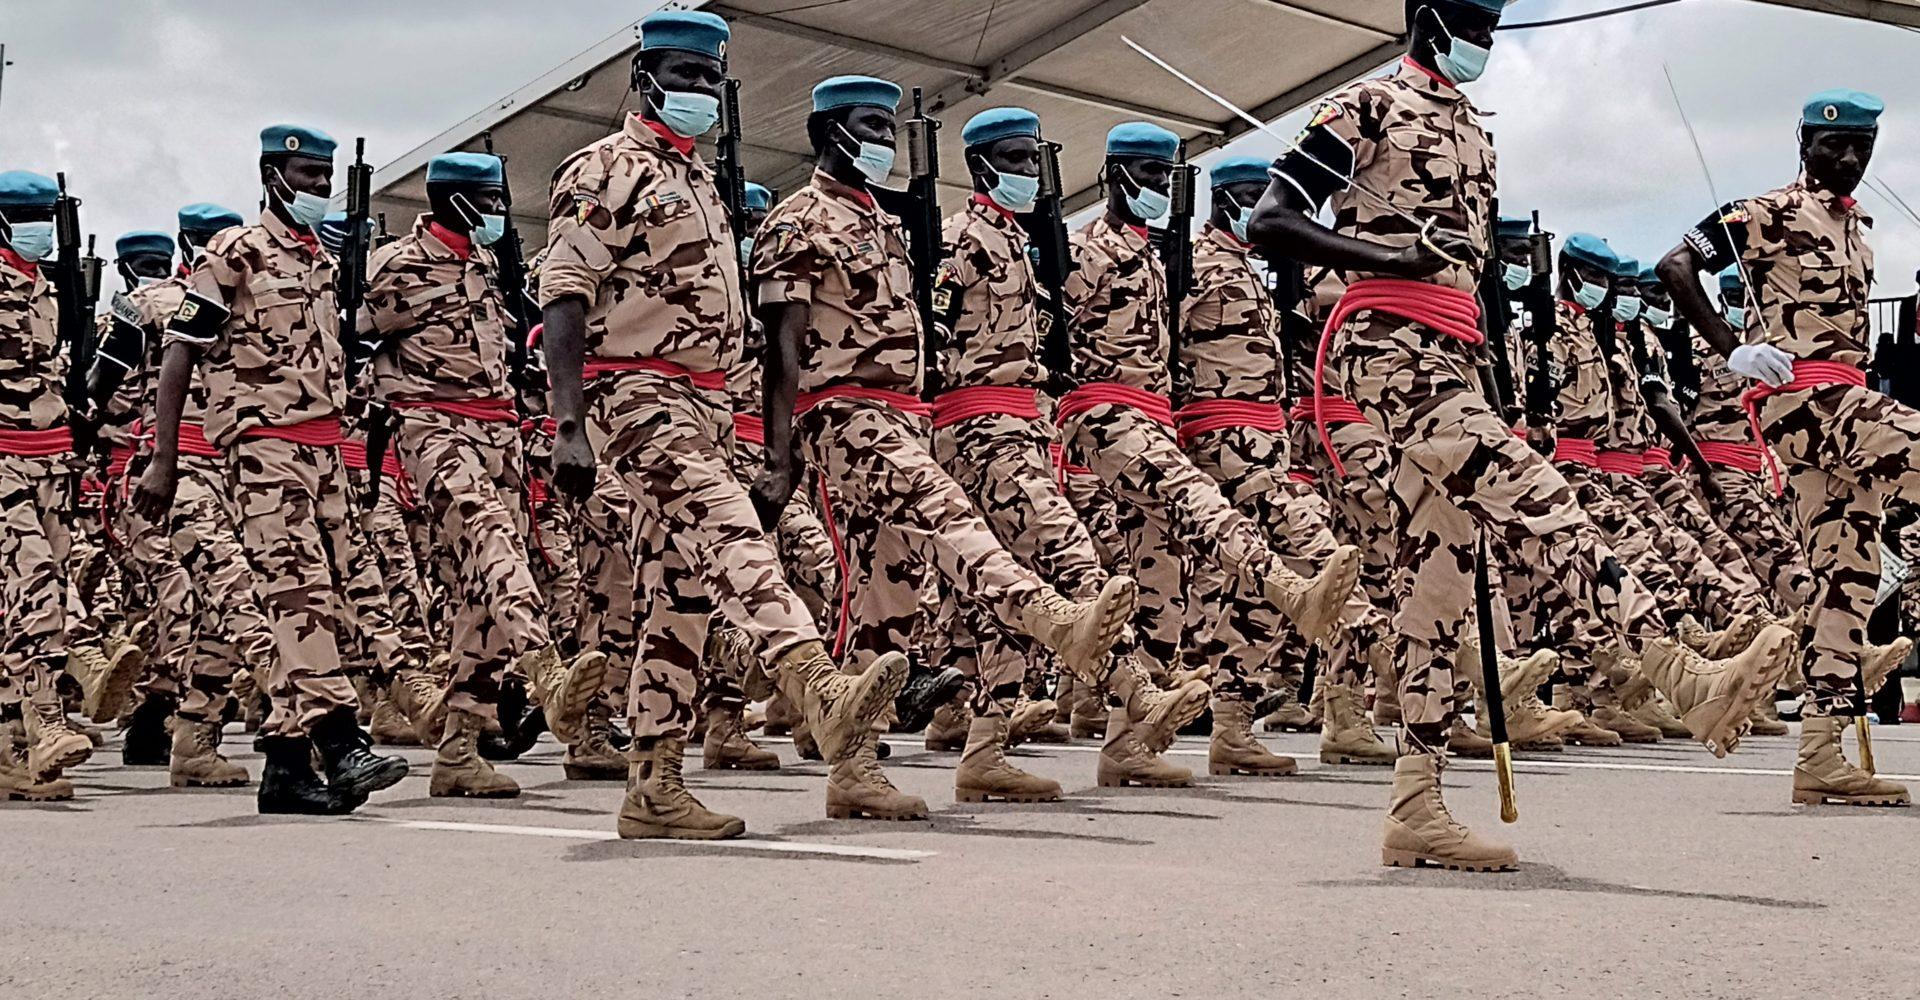 Le statut général des forces de l'ordre est adopté par les élus du peuple 1